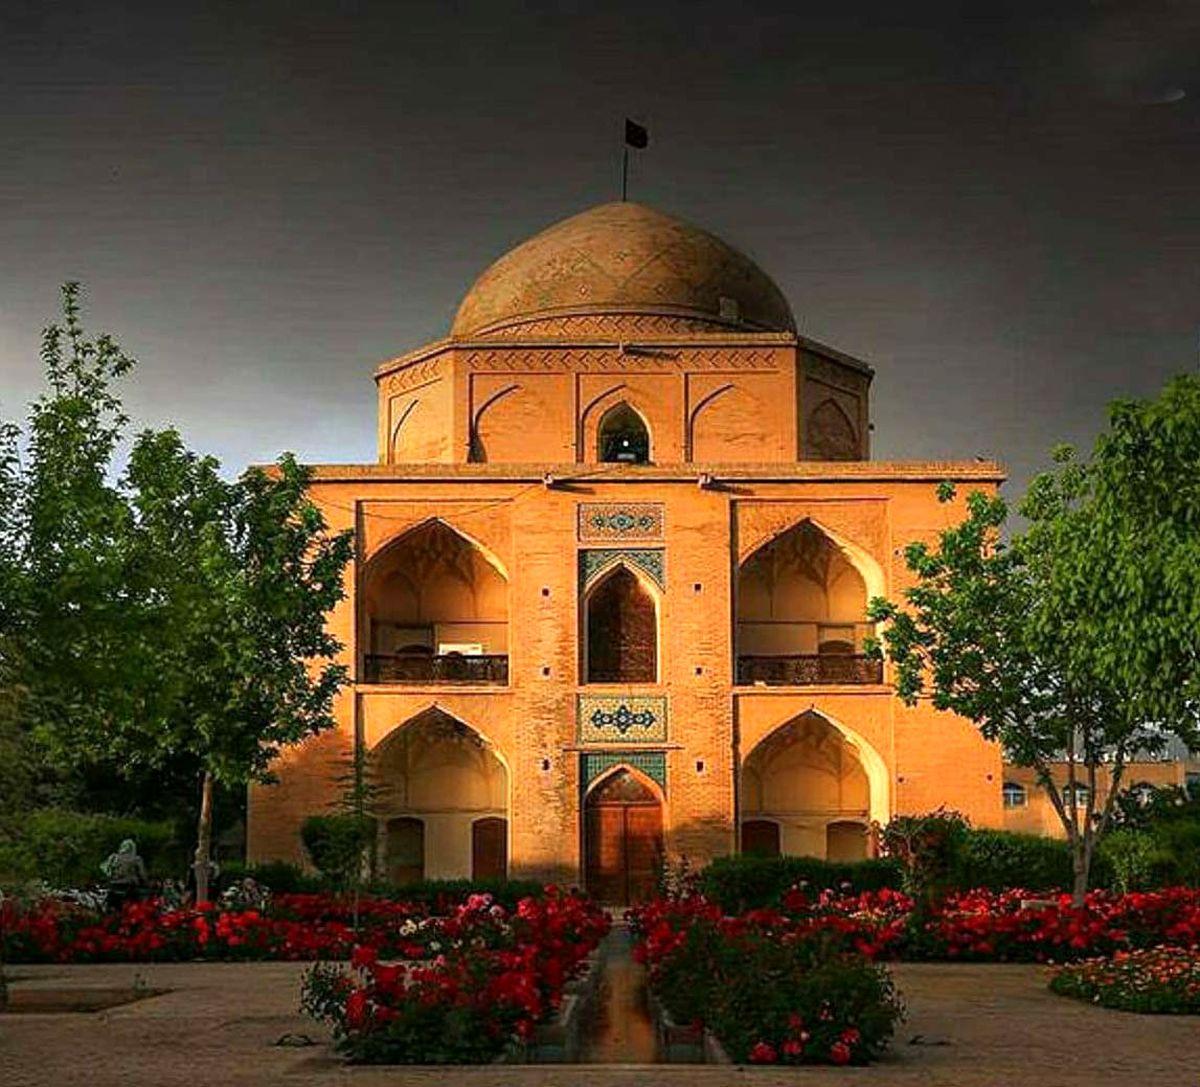 آرامگاه بیبی دختران، گذر سنگ سیاه شیراز